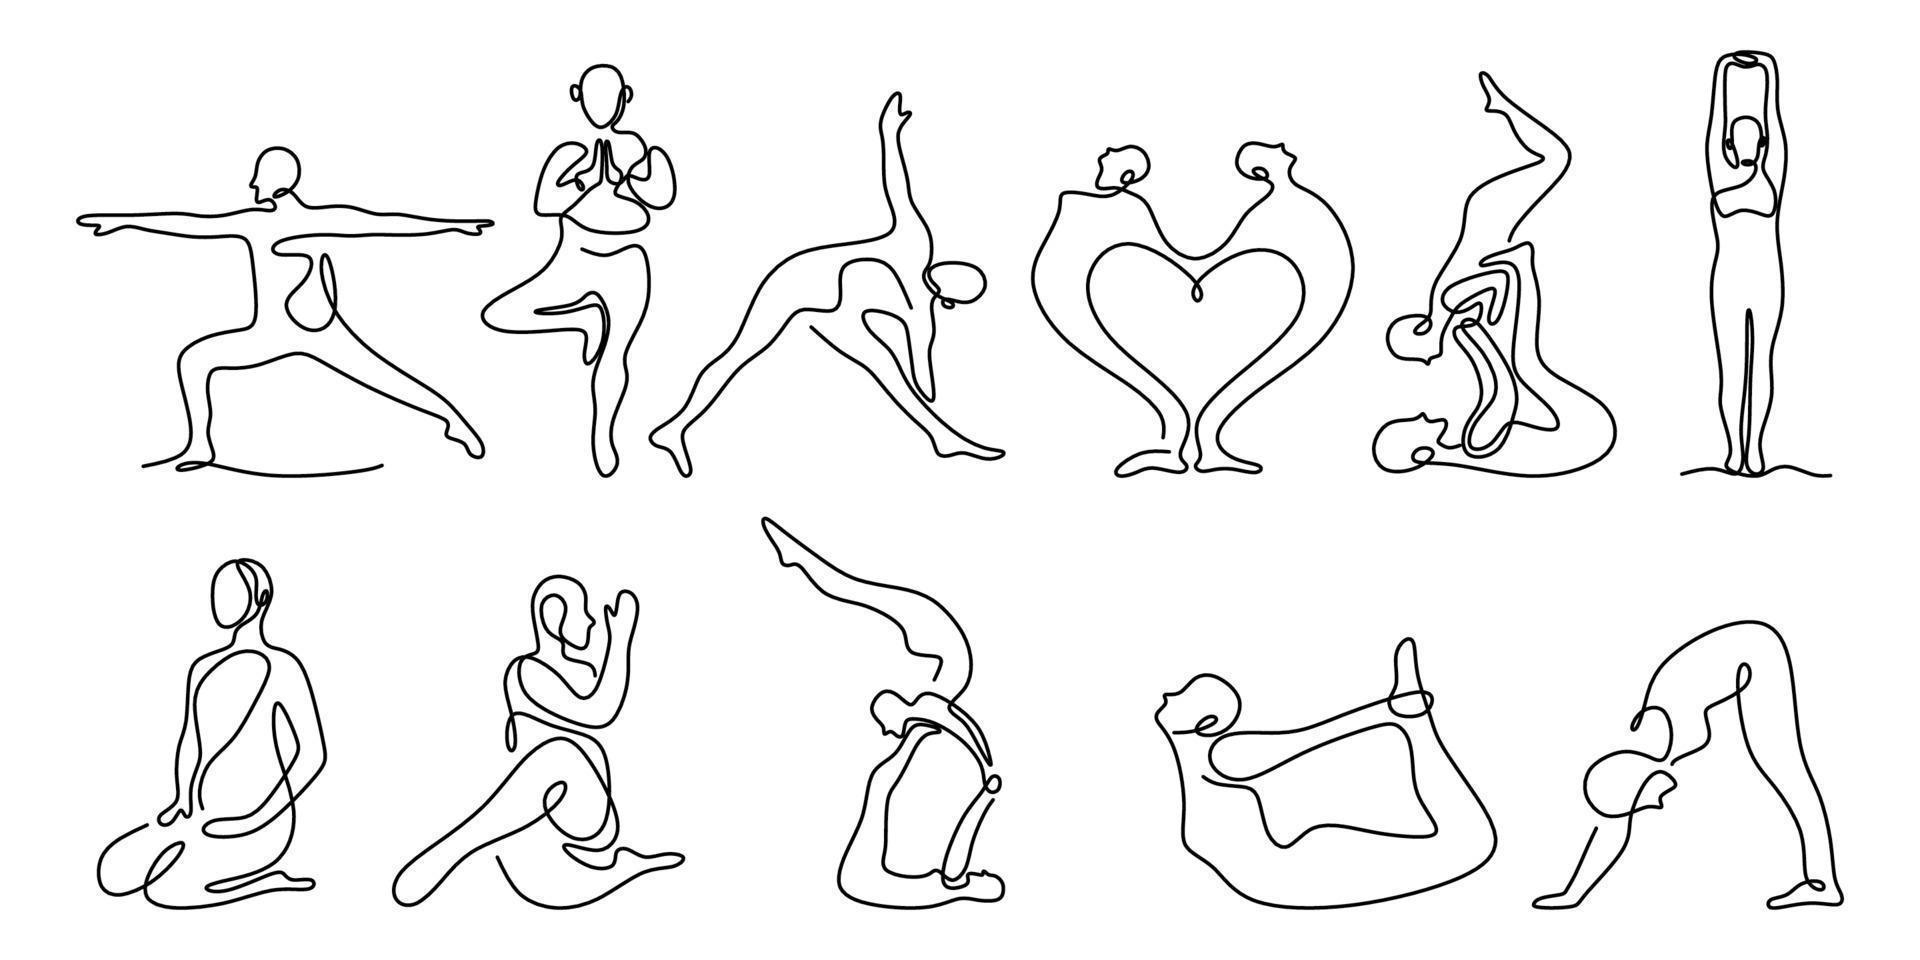 conjunto de ioga, desenho de linha contínua de mulheres ou pose de ioga de aptidão de homem. conceito de estilo de vida saudável. alongamento do corpo e meditação isolado no fundo branco. ilustração vetorial saúde vetor